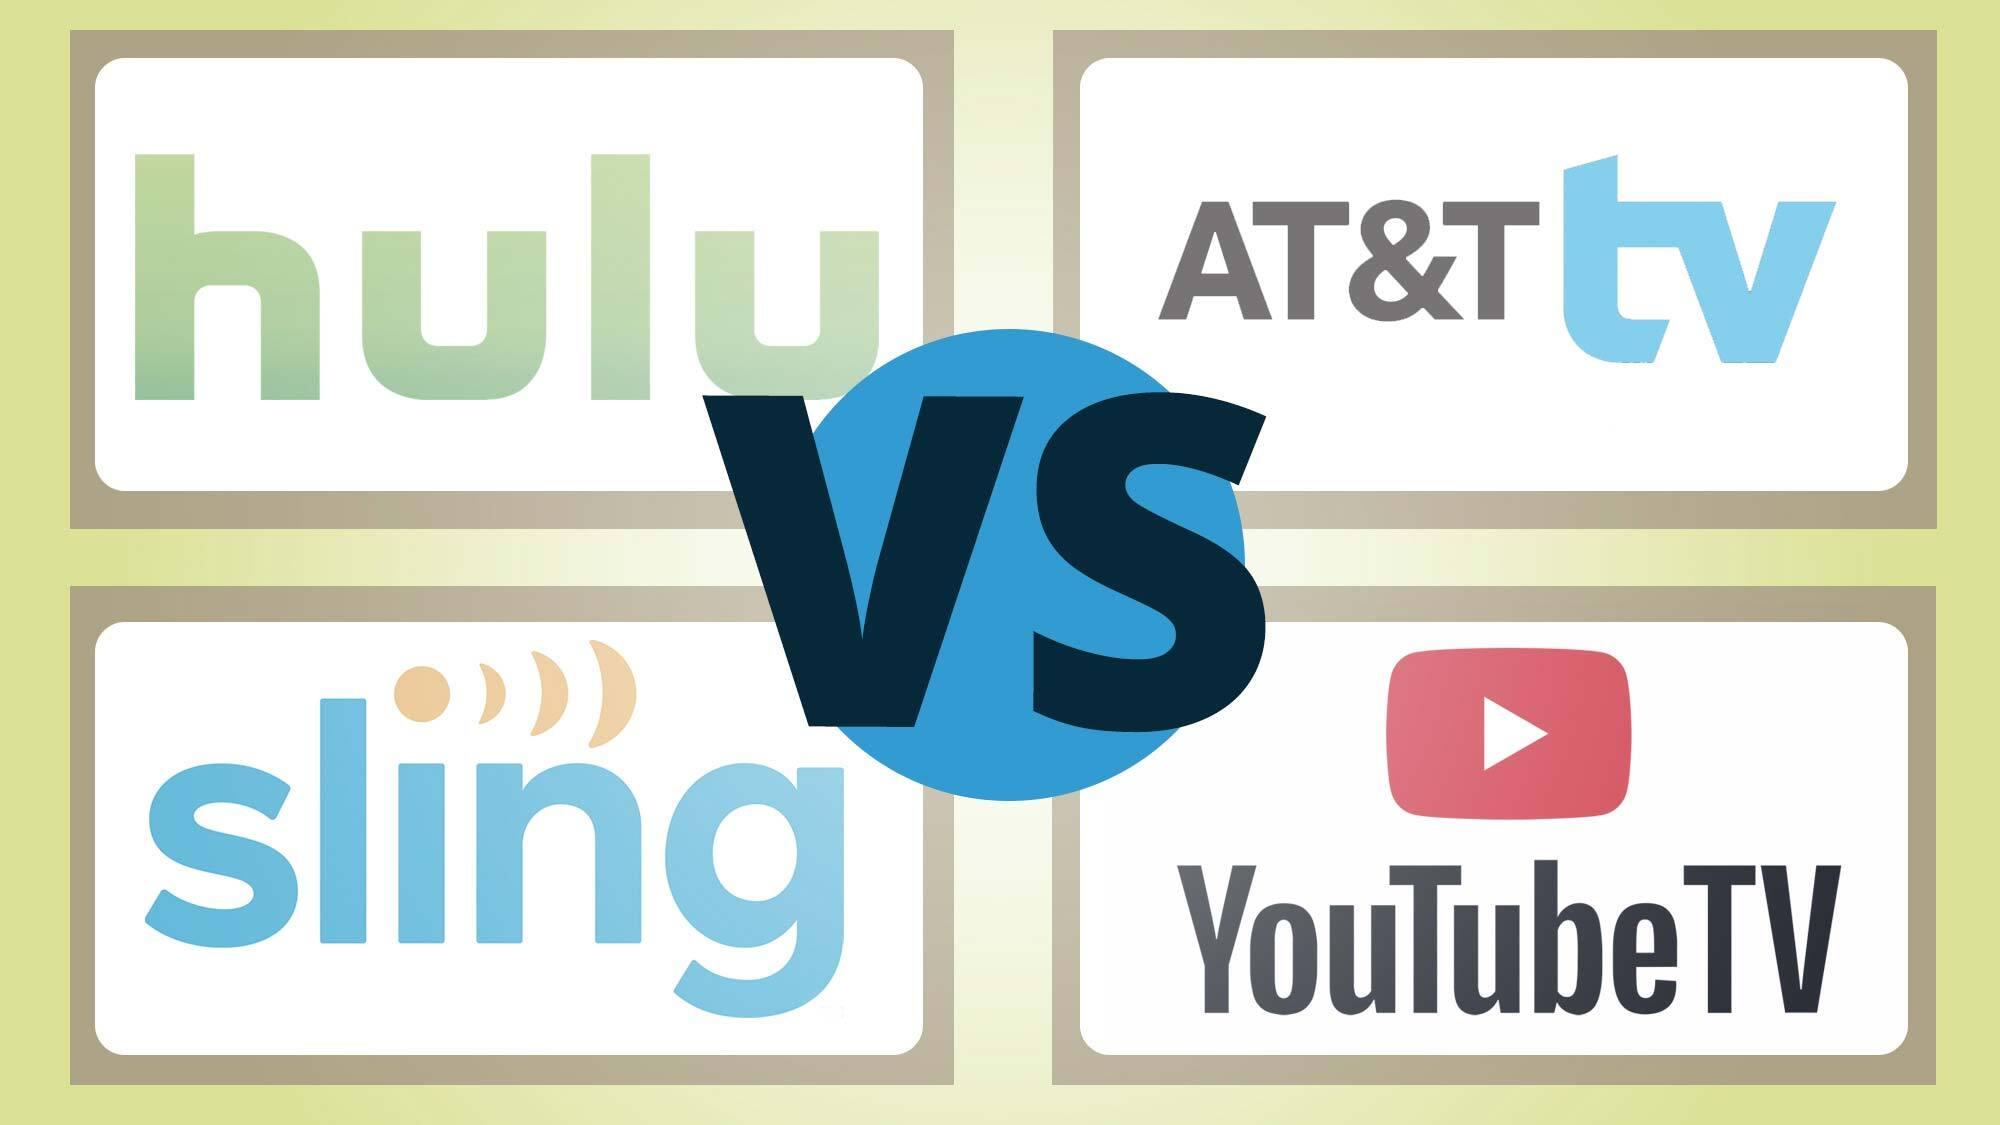 Hulu Live Vs Youtube Tv Vs Sling Vs At T Tv Face Off Tom S Guide